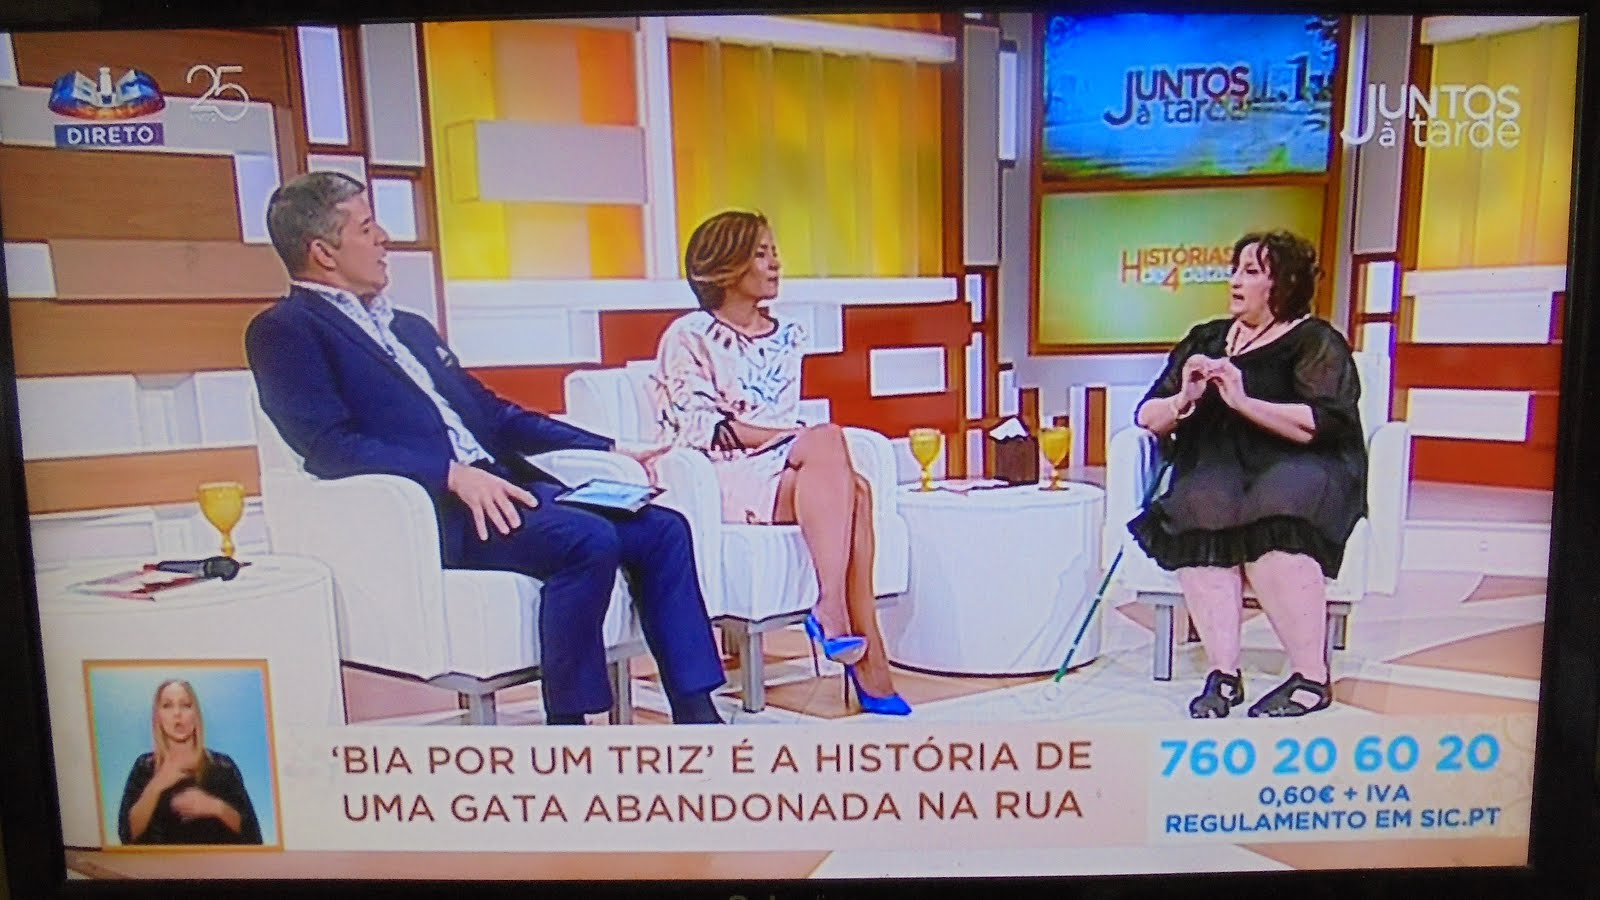 """O livro """"Bia por um triz"""" na SIC no programa """"Juntos à tarde""""."""